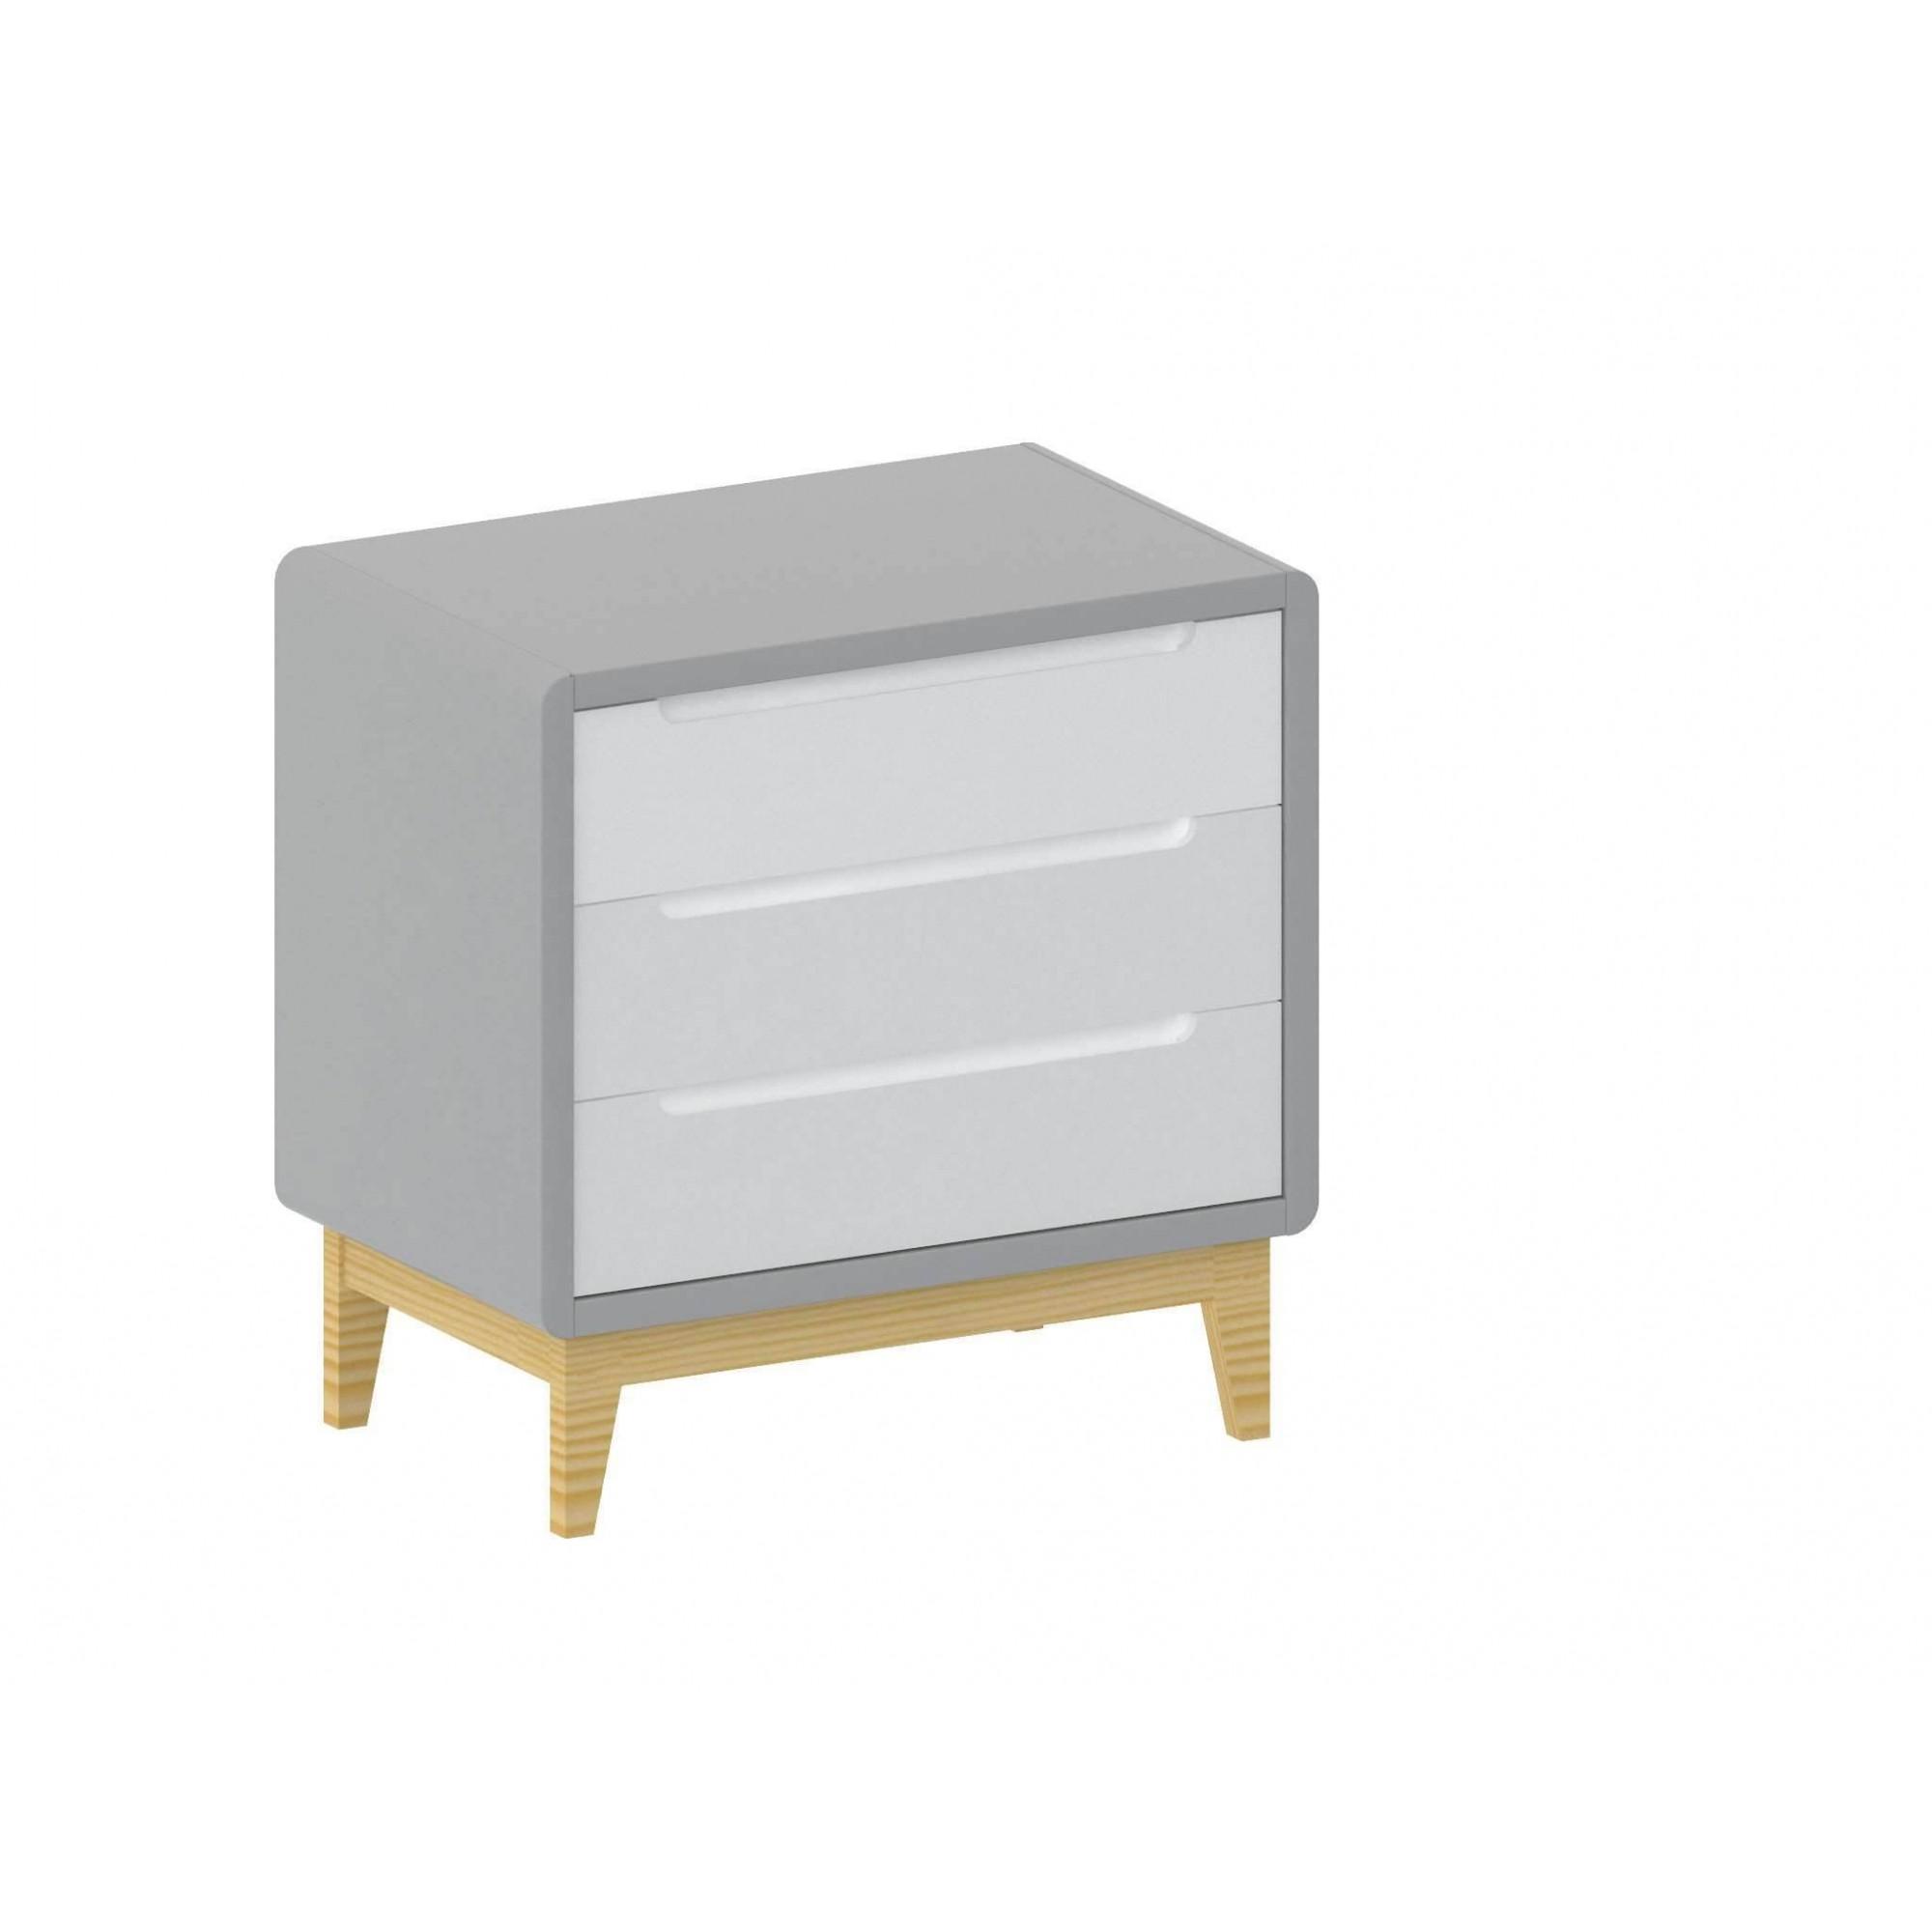 Kit Berço + Cômoda Bo 3 gavetas Branco com cinza e pés em madeira